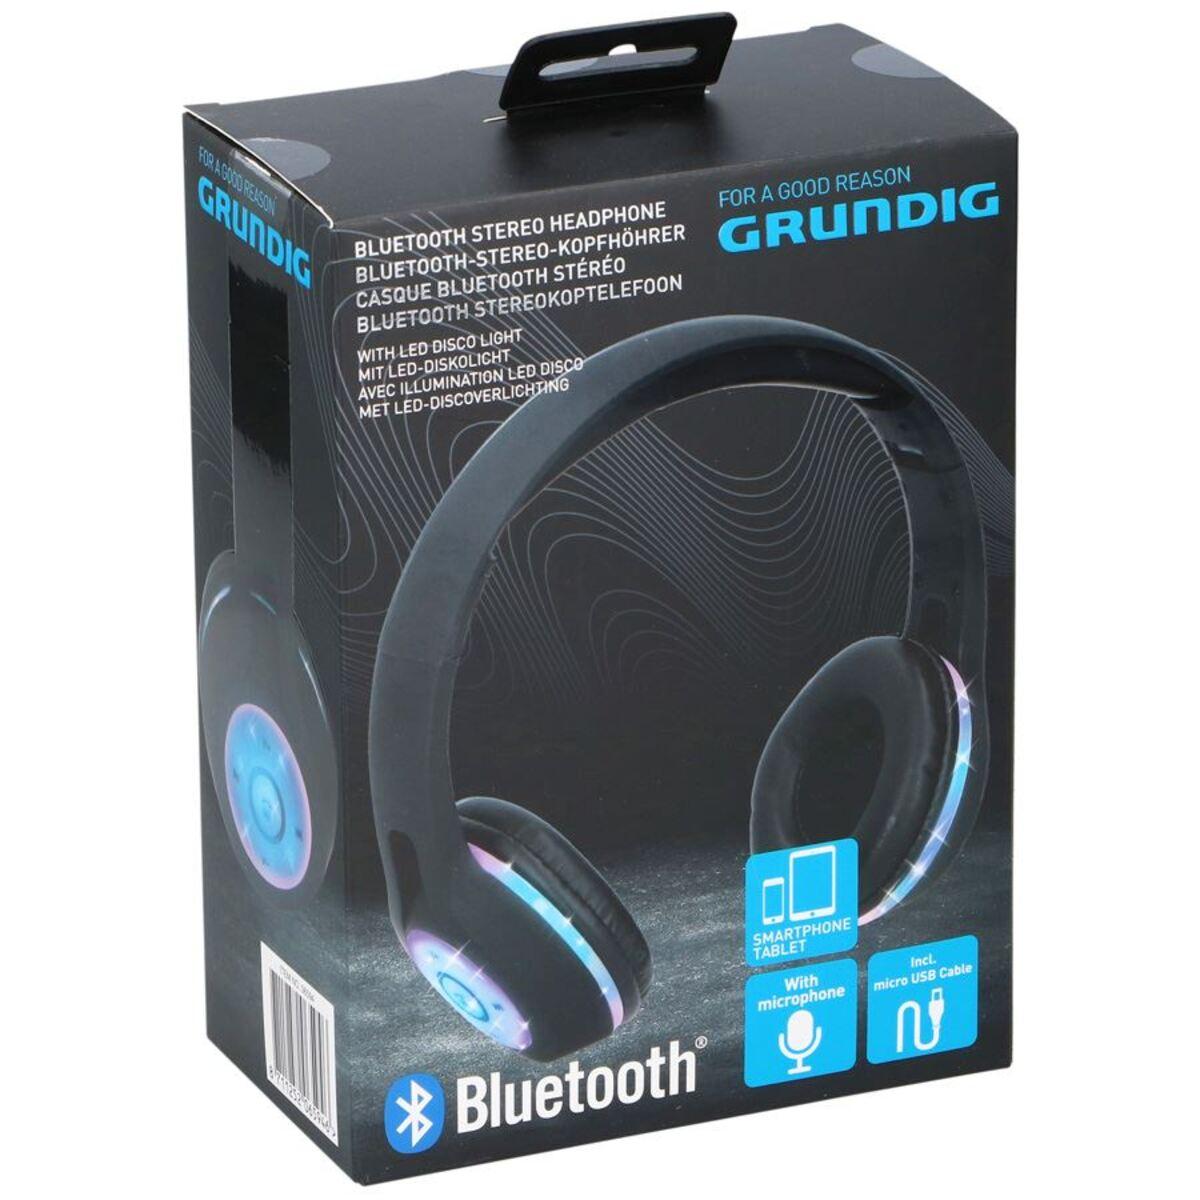 Bild 4 von Grundig Bluetooth-Stereo-Kopfhörer mit LED-Diskolicht